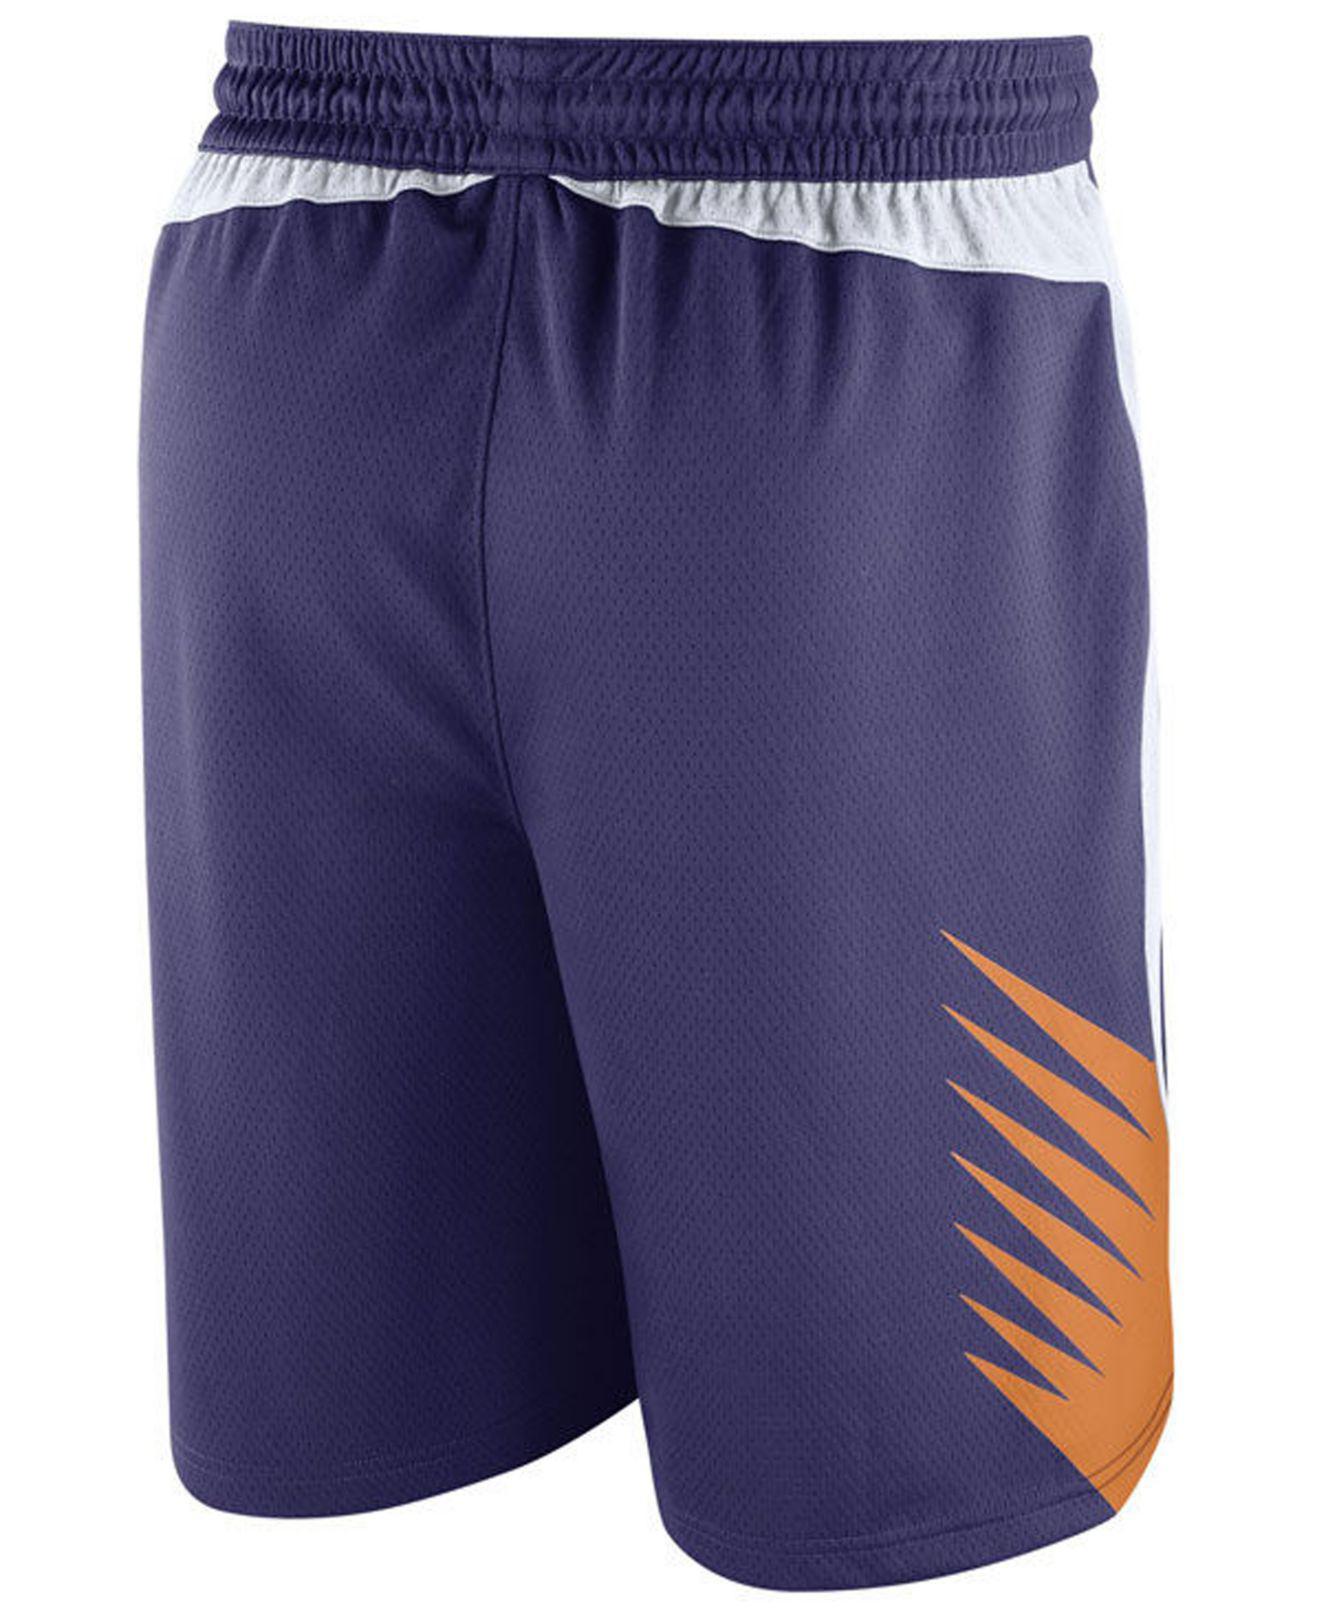 eb542656a5e76d Lyst - Nike Icon Swingman Shorts in Purple for Men